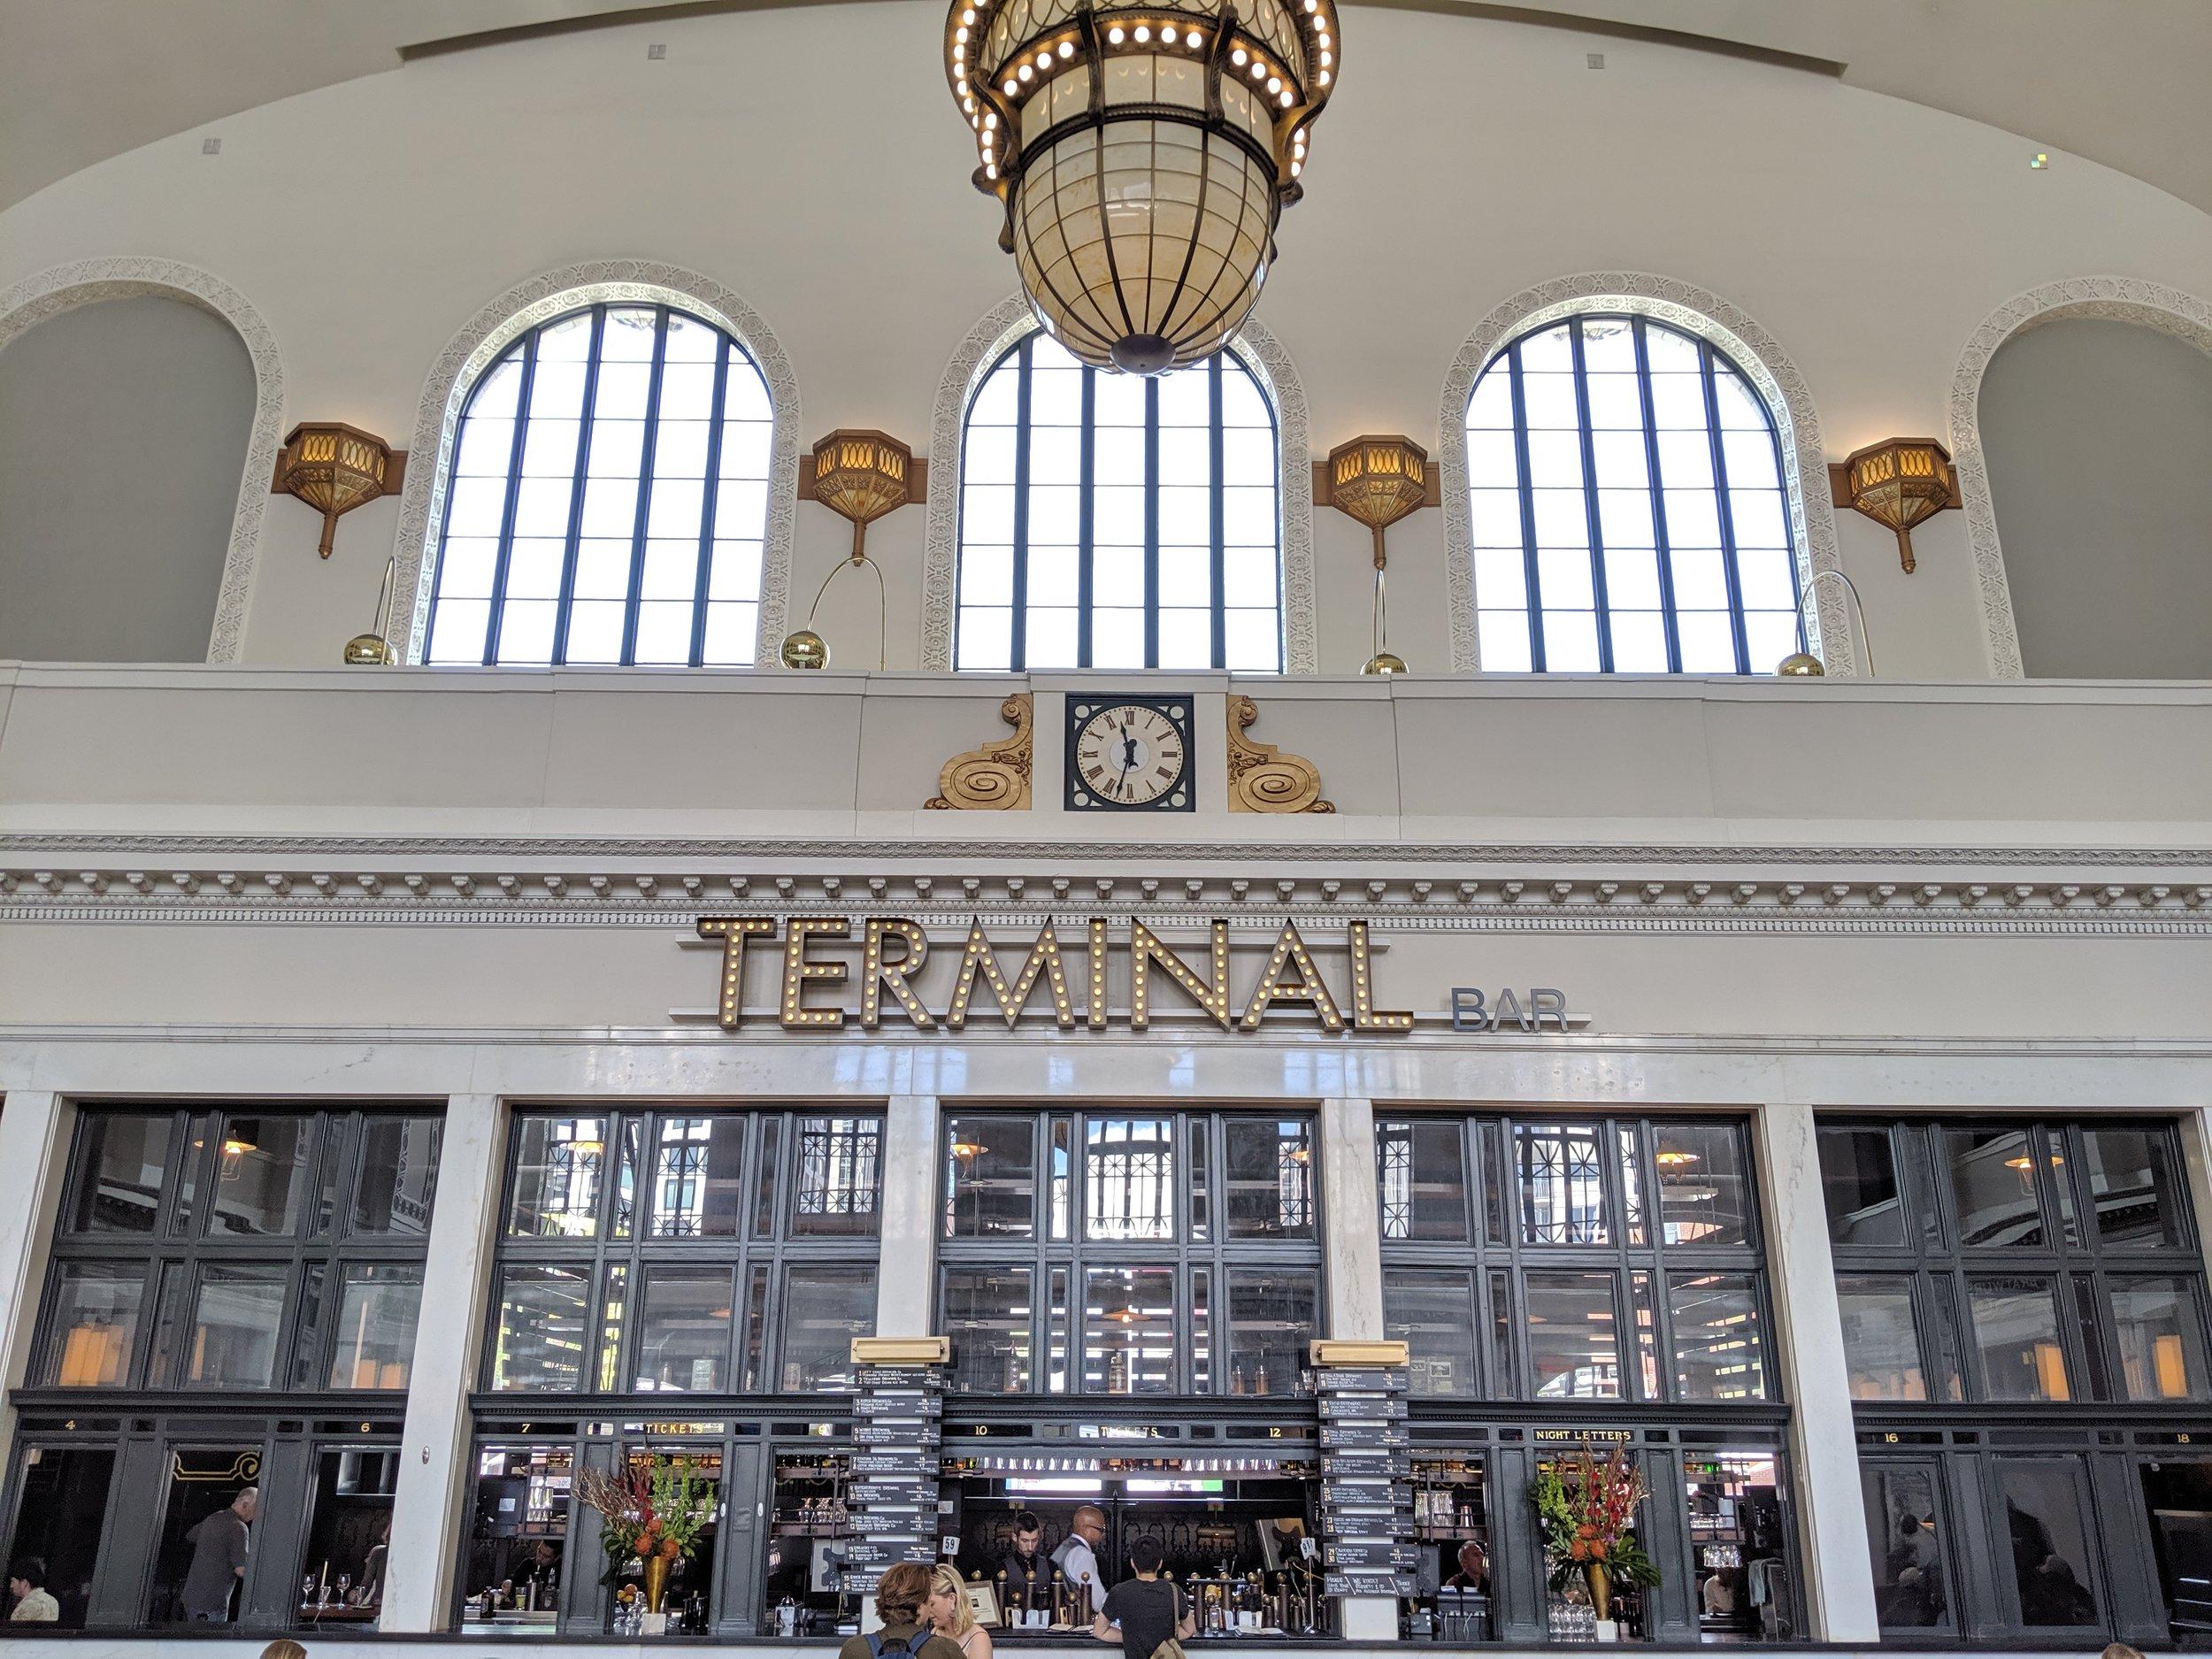 Terminal Bar inside Union Station, Denver.